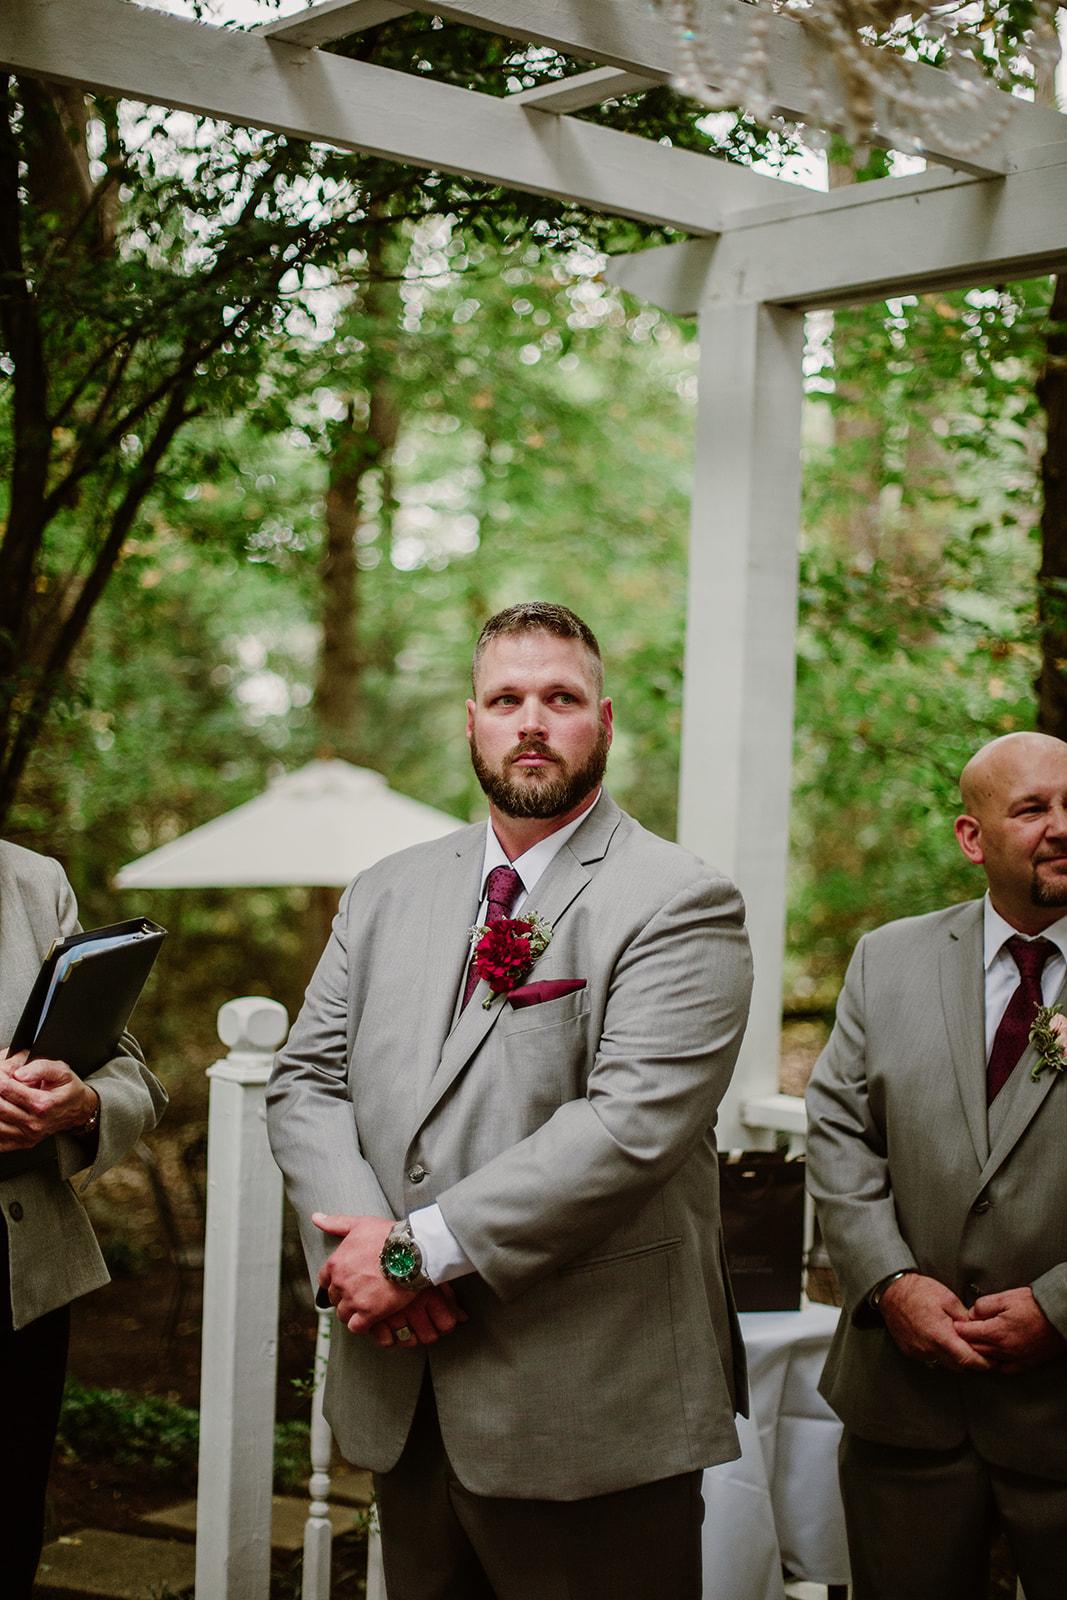 SarahMattozziPhotography-NicoleChris-GlenGardens-Ceremony-2.jpg